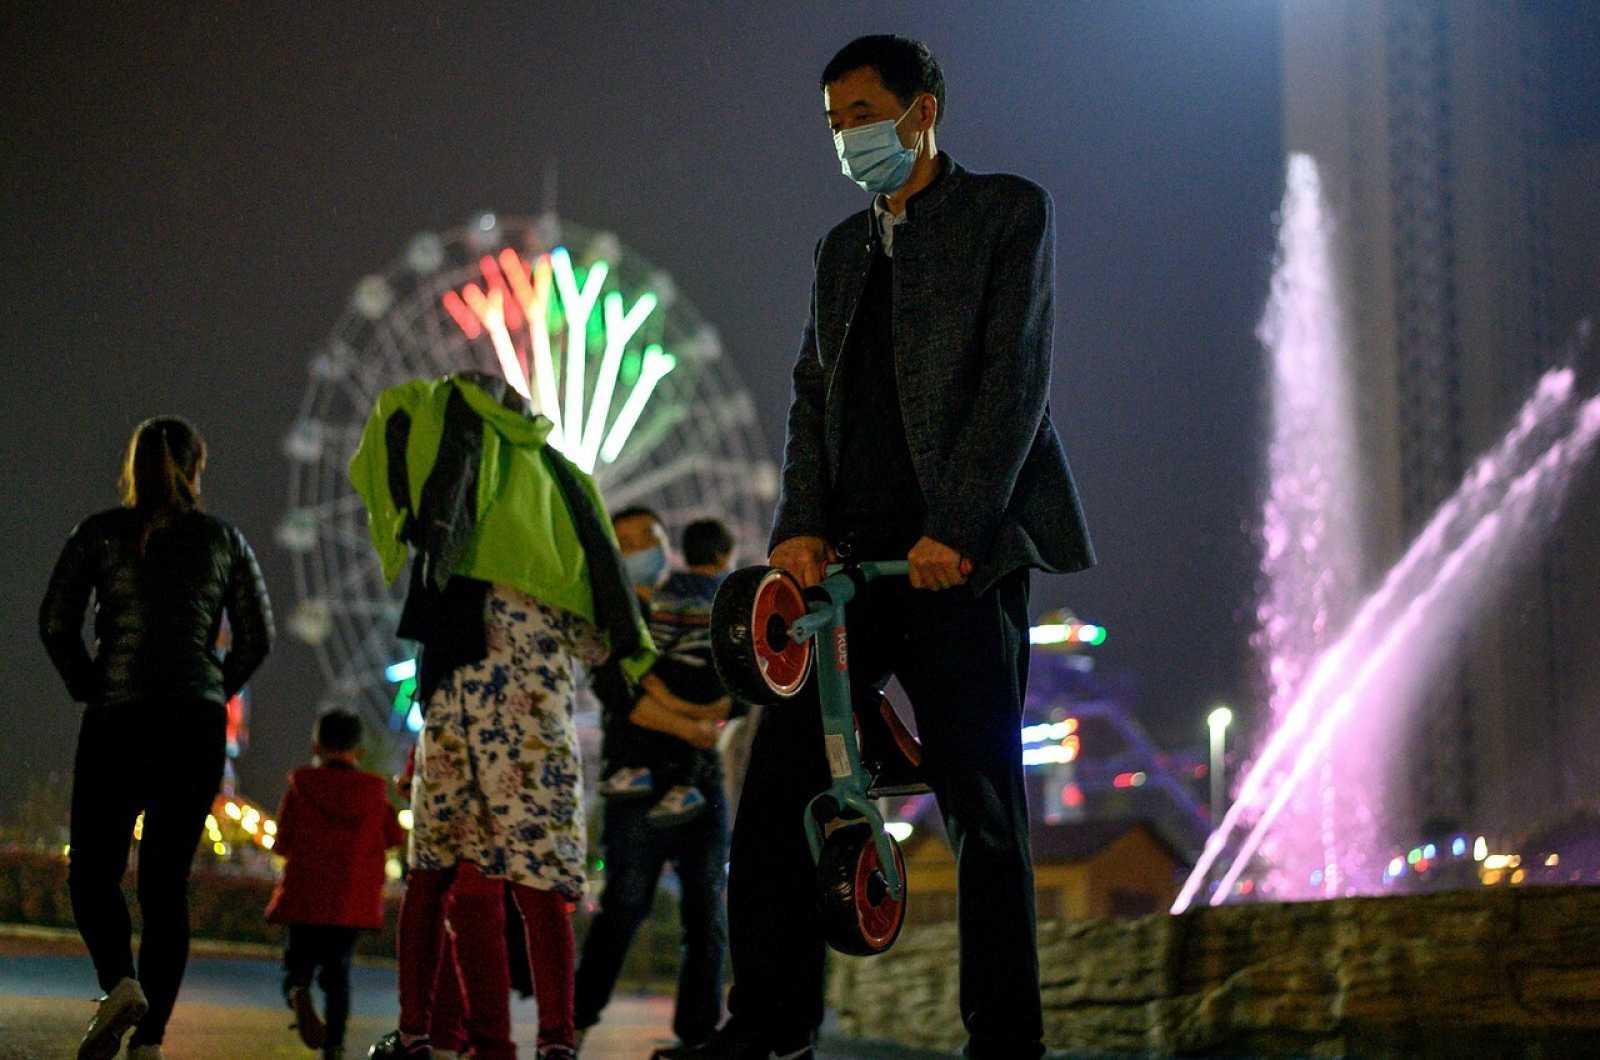 Personas con mascarillas en un parque temático de Macheng, Hubei